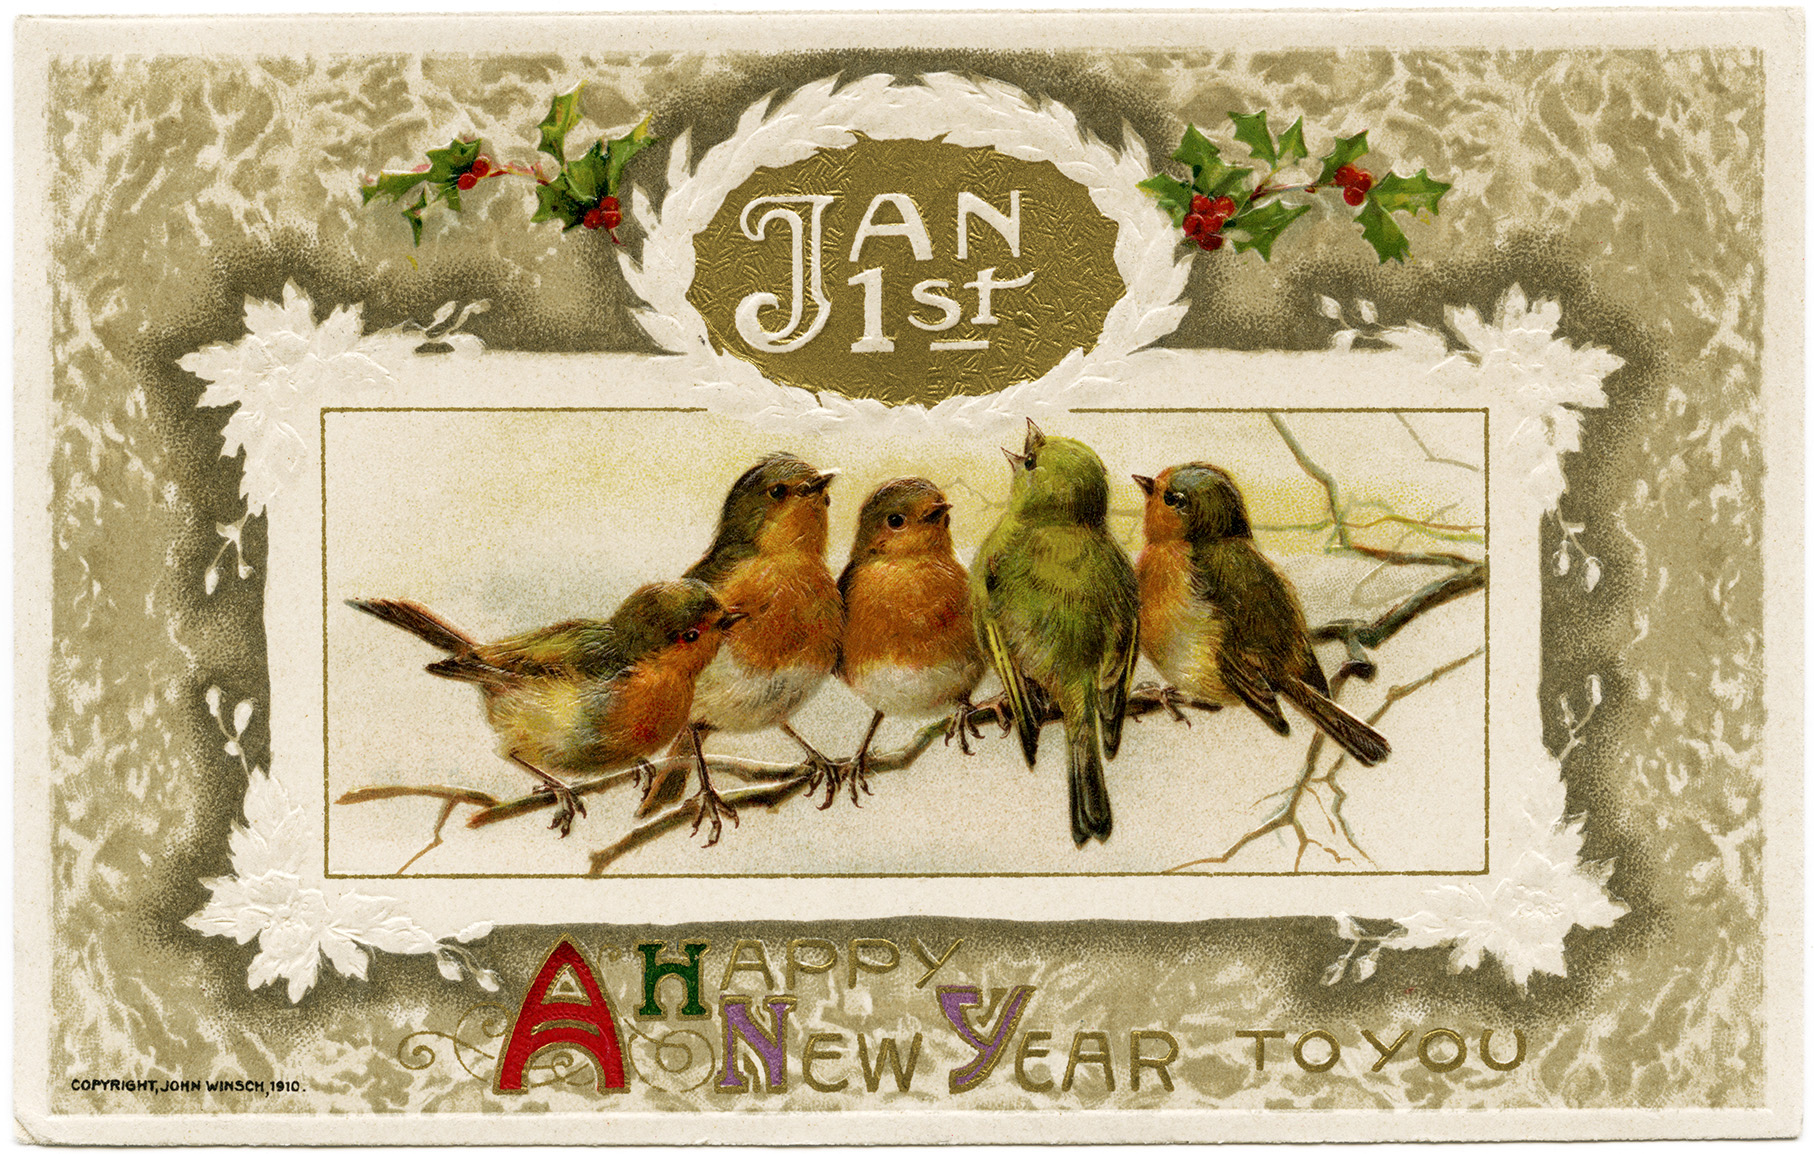 John Winsch Birds New Year Postcard Old Design Shop Blog